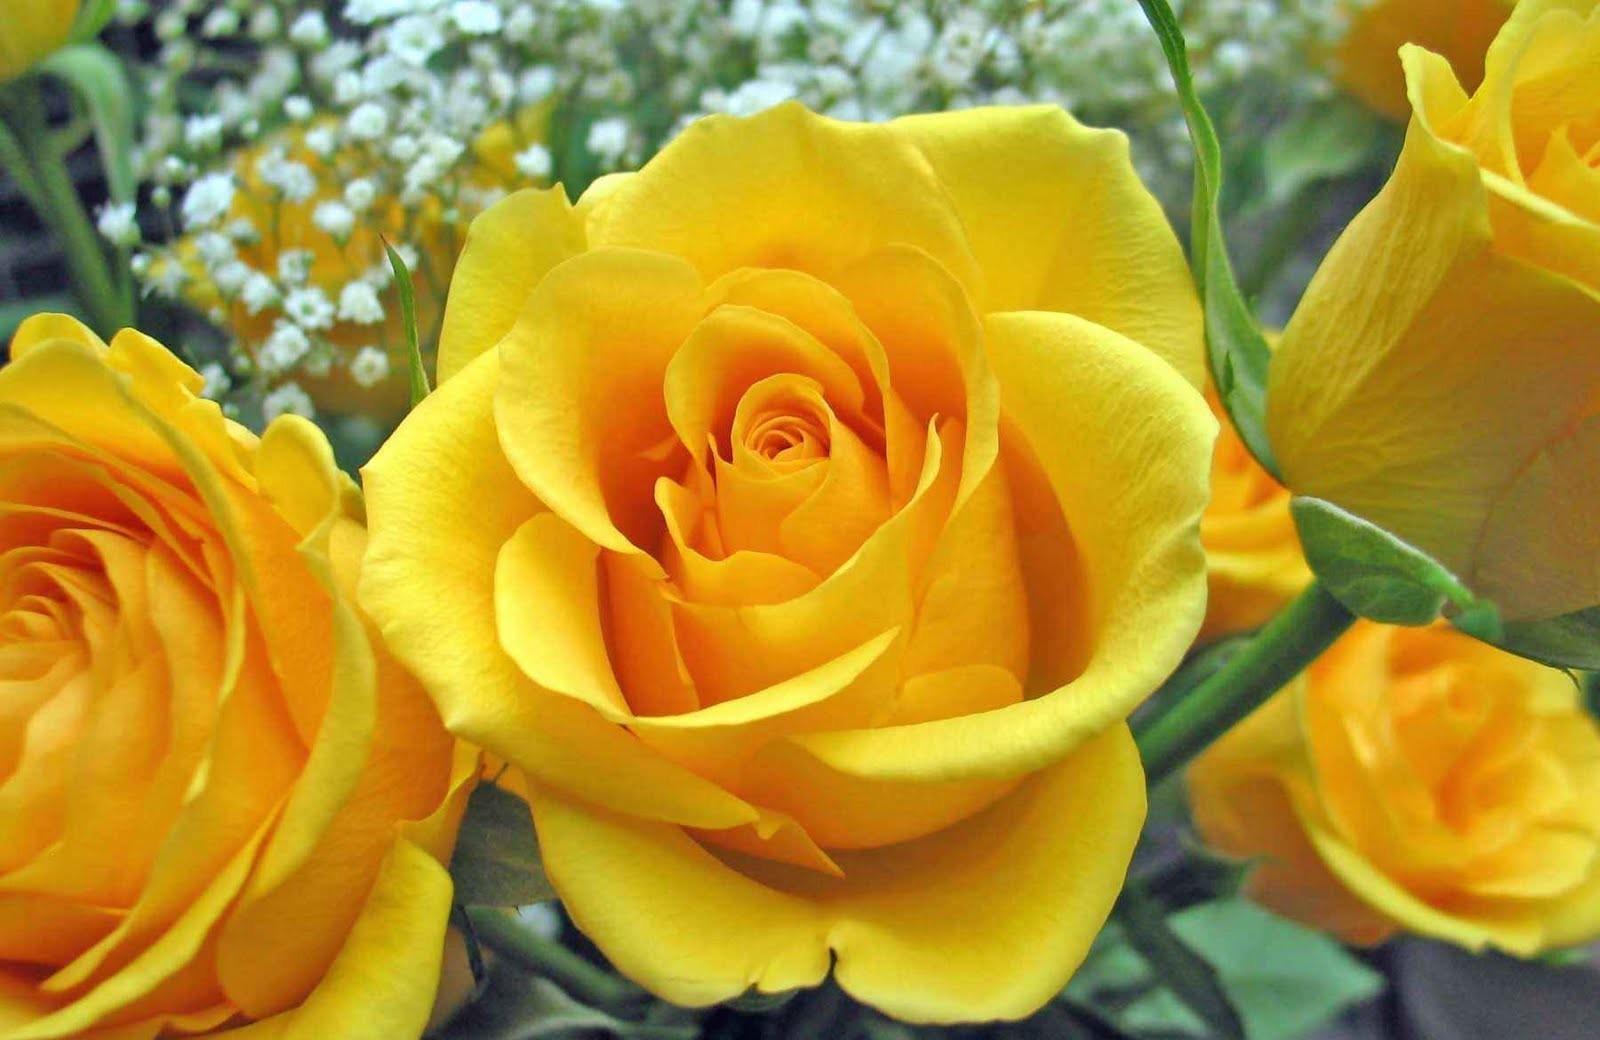 90794 скачать Желтые обои на телефон бесплатно, Бутоны, Розы, Цветы, Крупный План Желтые картинки и заставки на мобильный